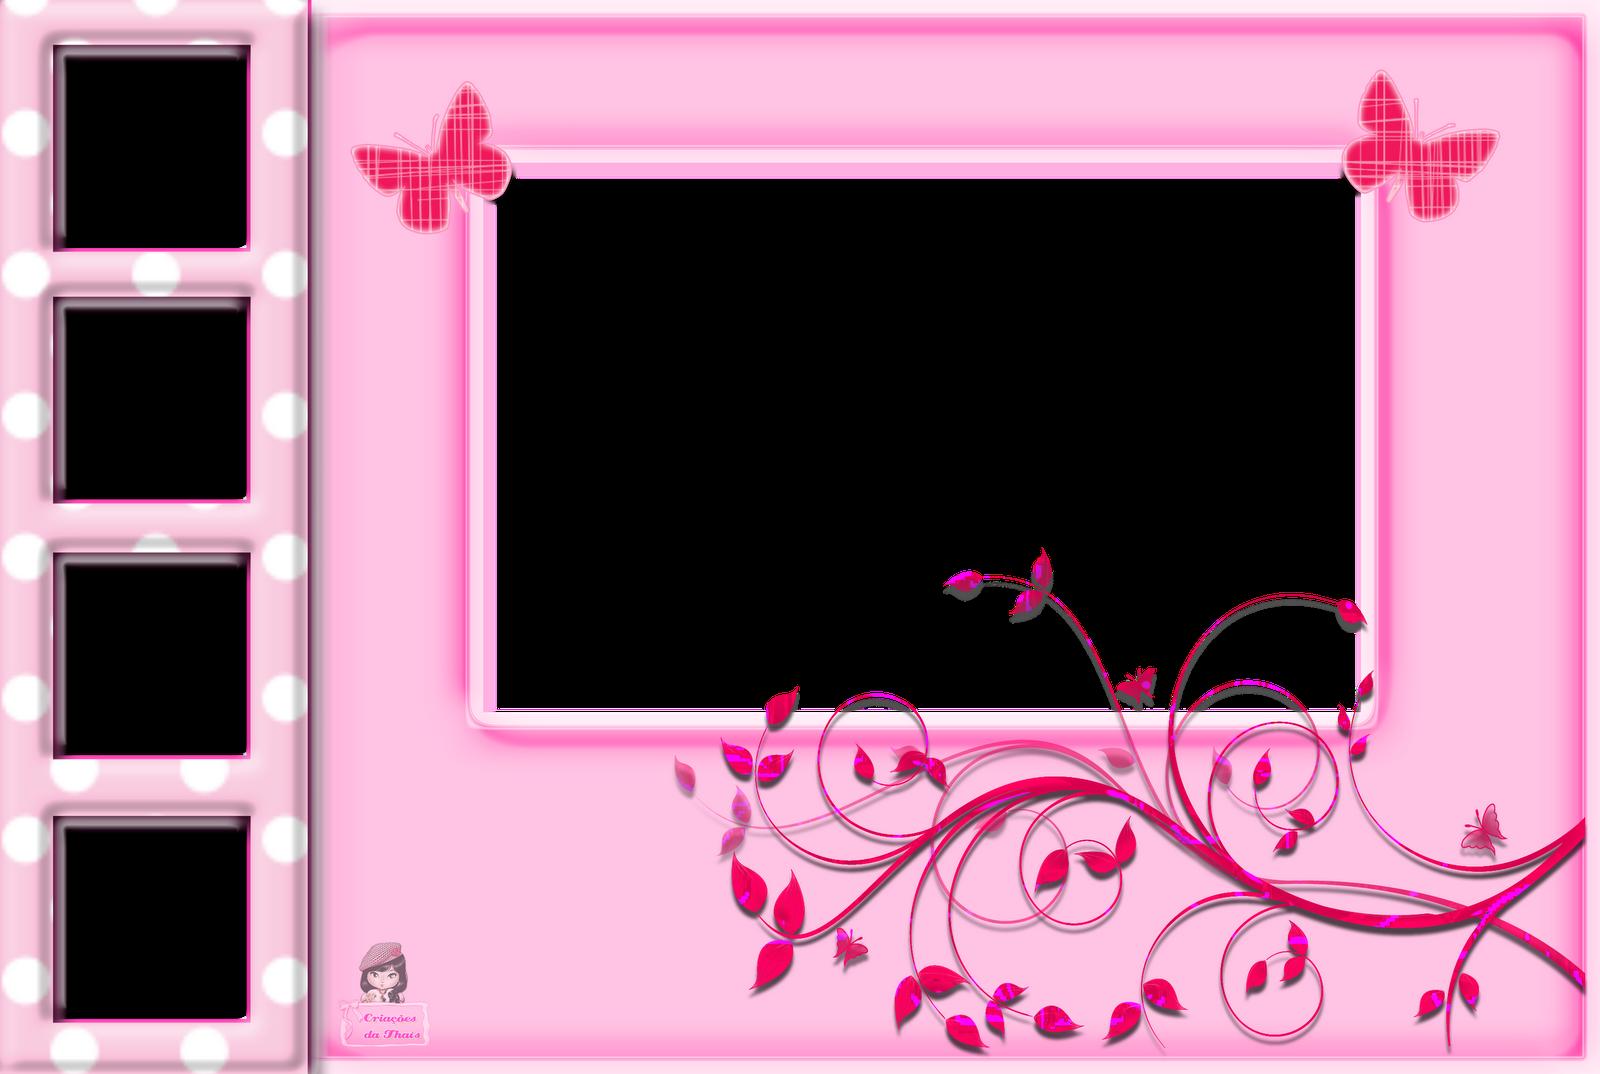 Gratis foto rosa adolescente